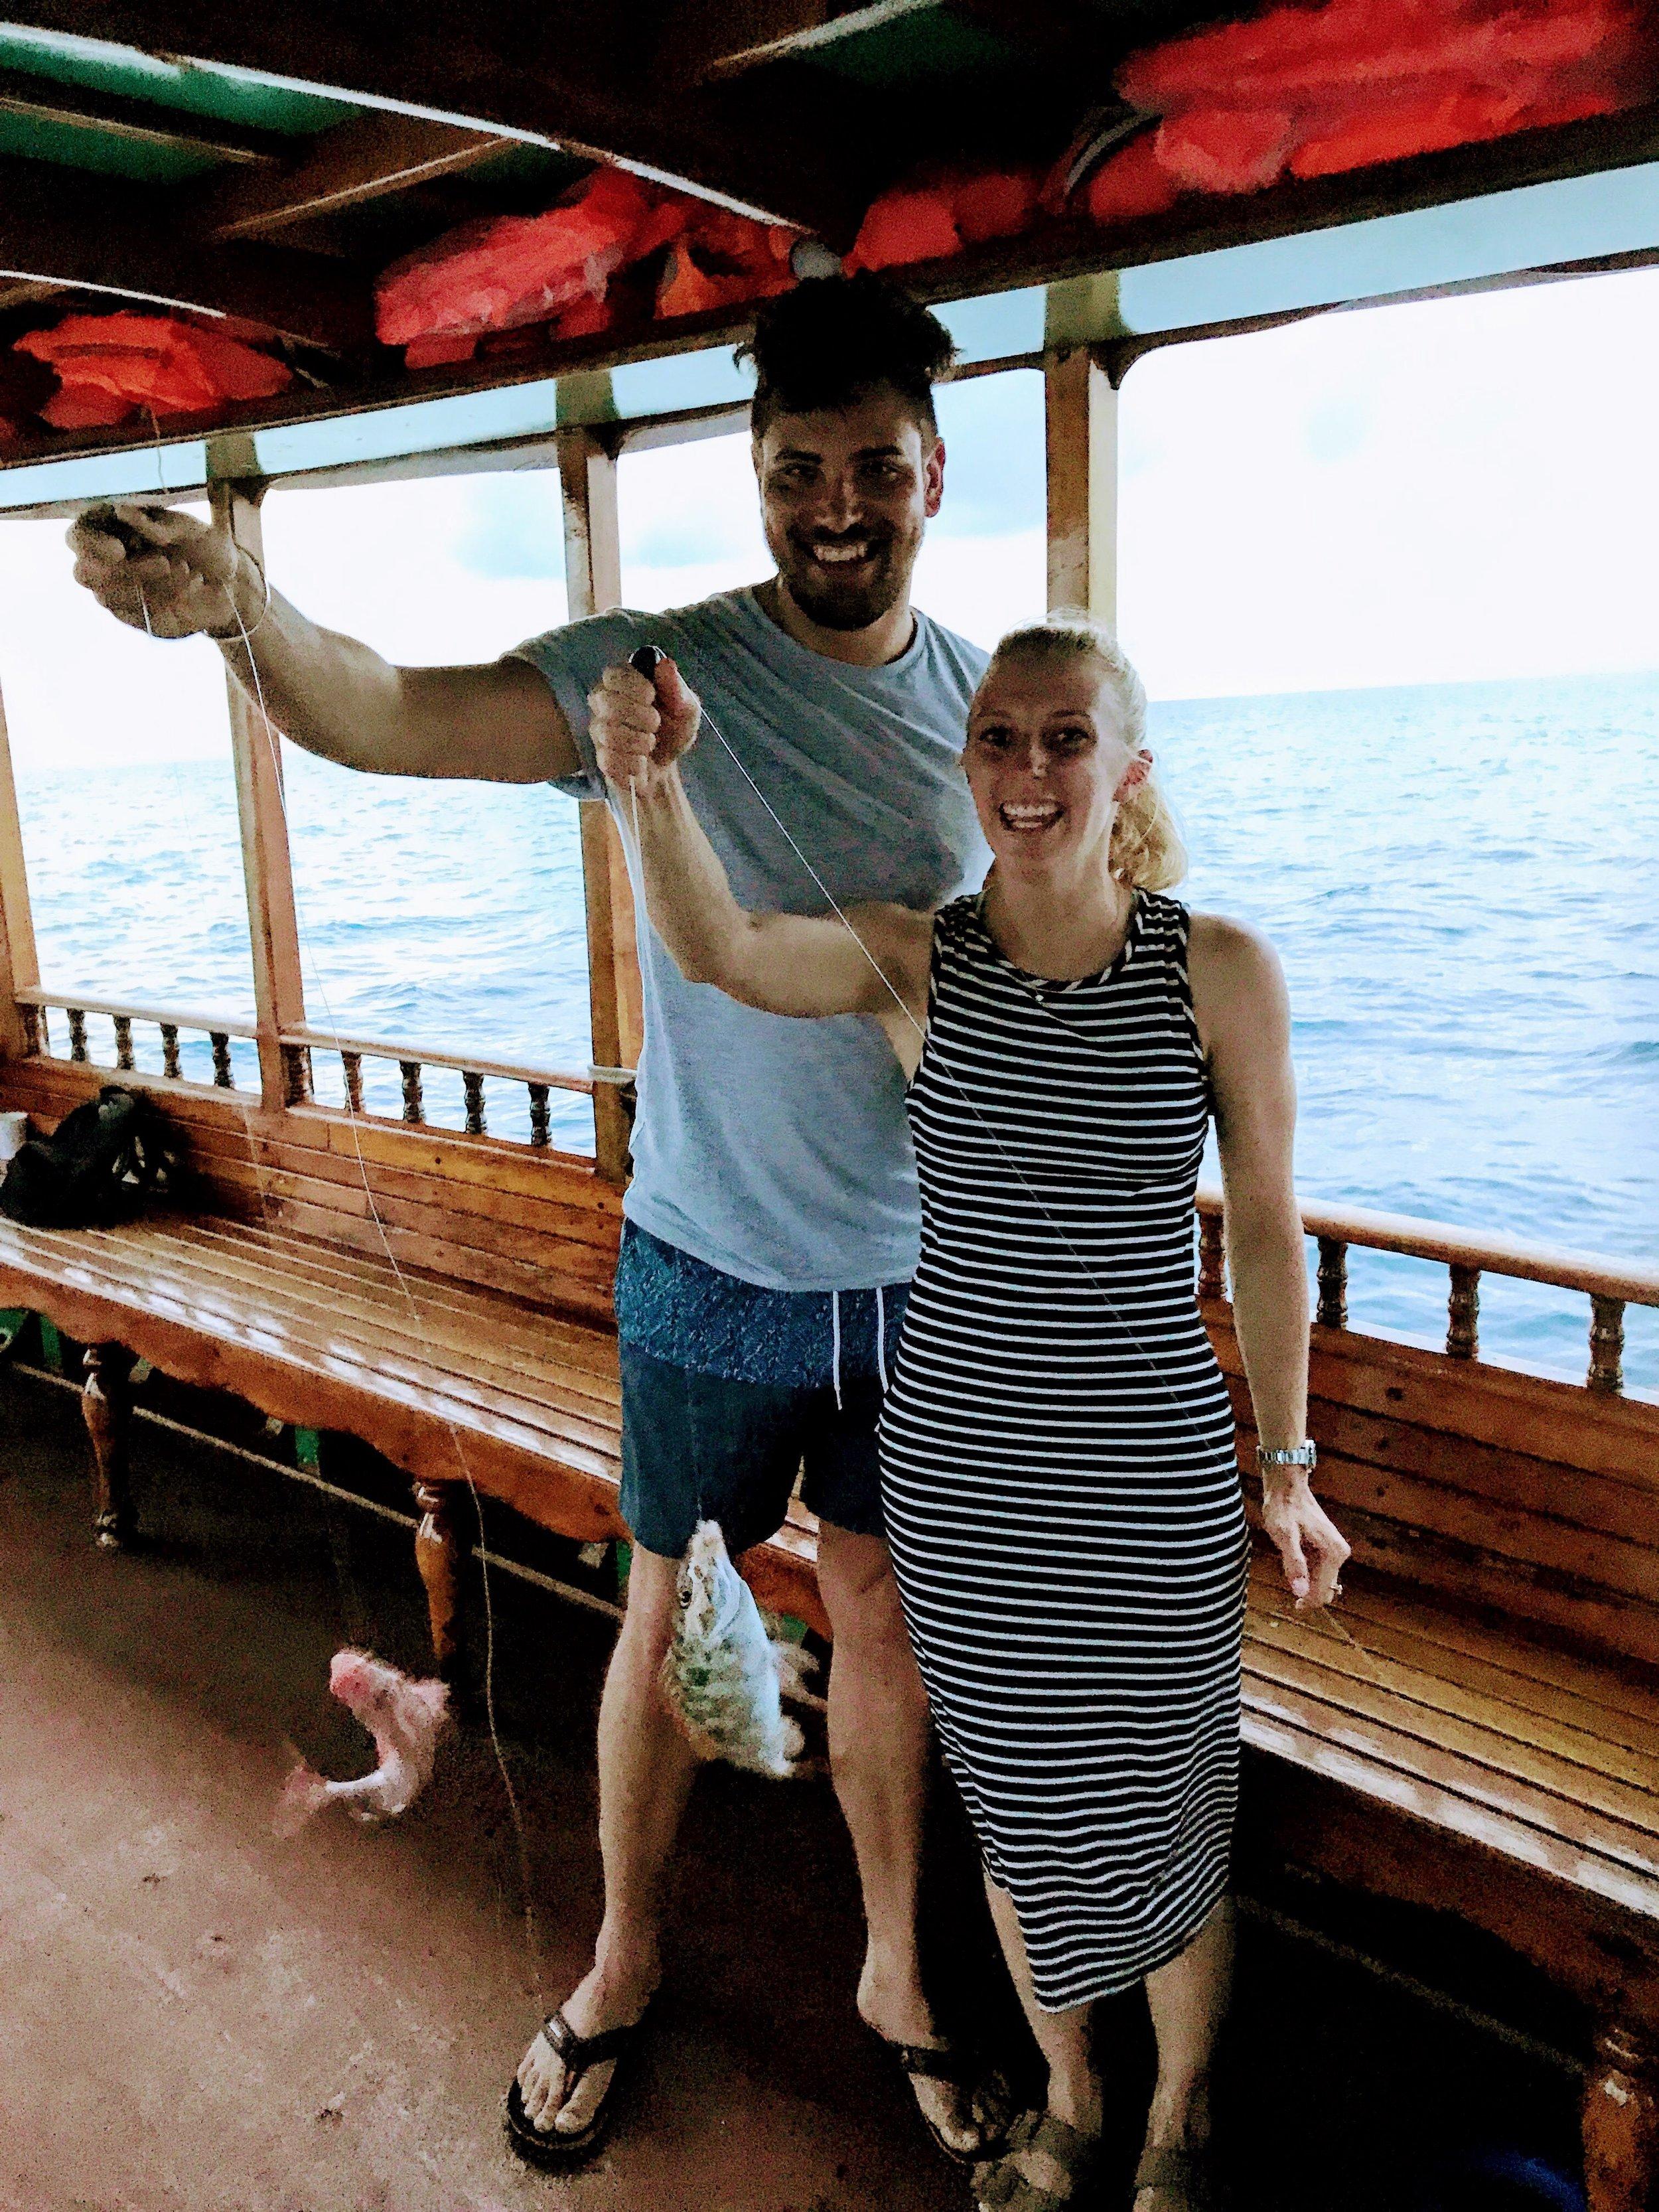 invite-to-paradise-maldives-sri-lanka-specialists-experts-travel-agent-tour-operator-customer-feedback-lucas-emily-fenning-elephant-orphanage-centara-ras-fushi-fishing-dhoni-boat.jpg